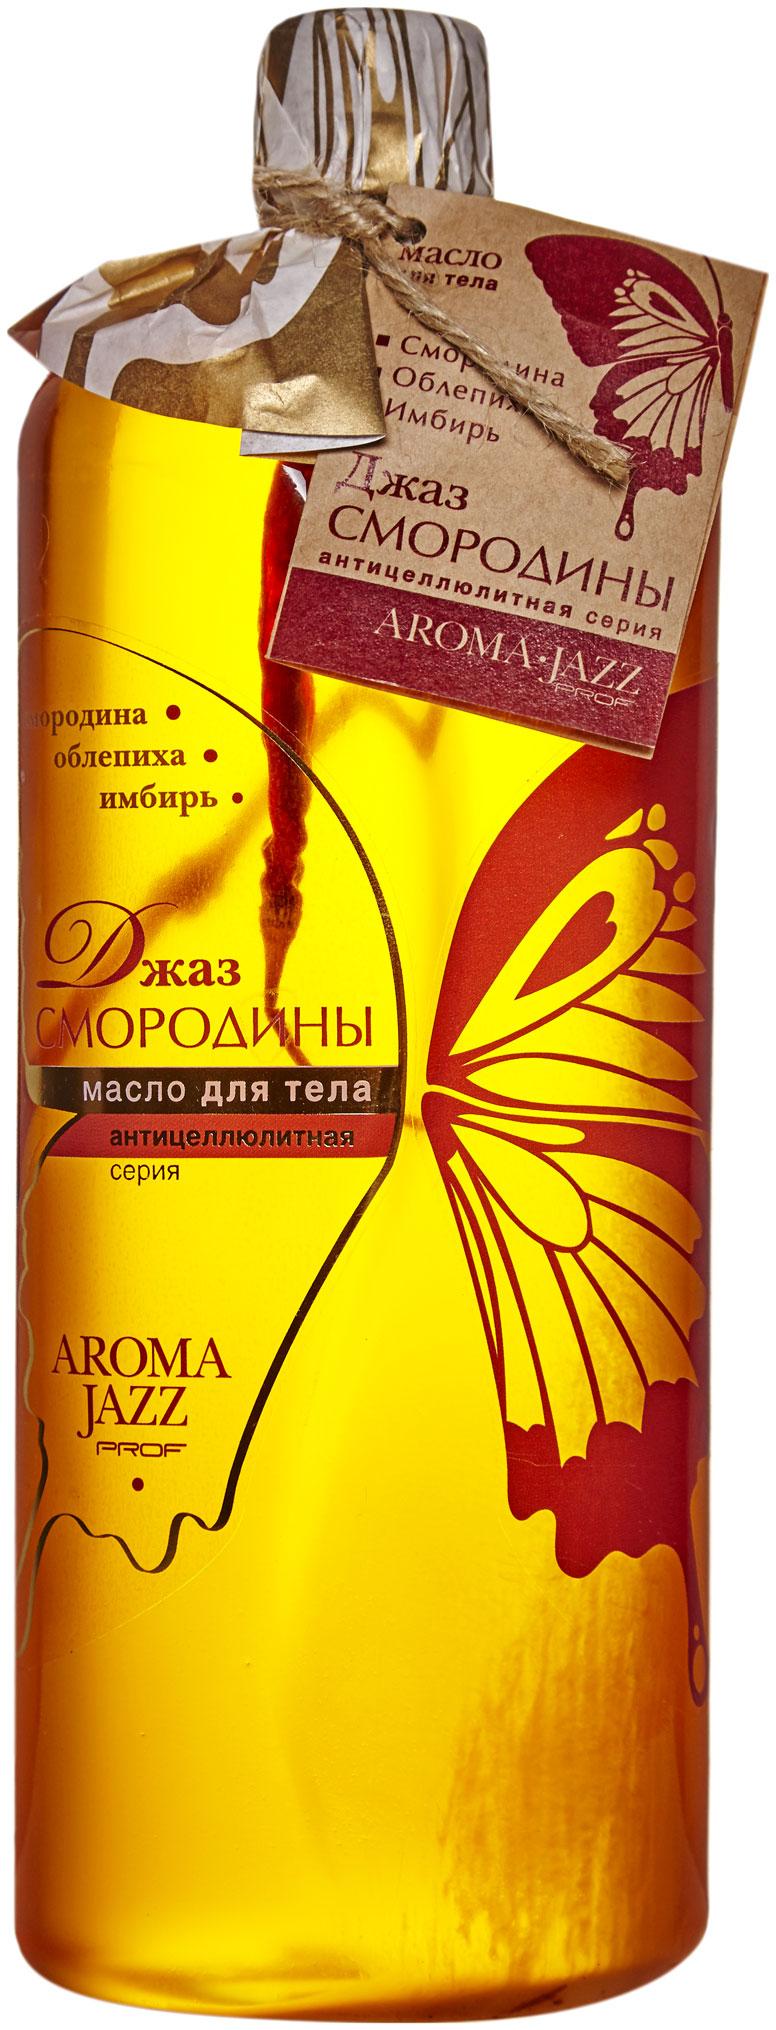 Купить Масло для тела Aroma Jazz Джаз смородины 1 л